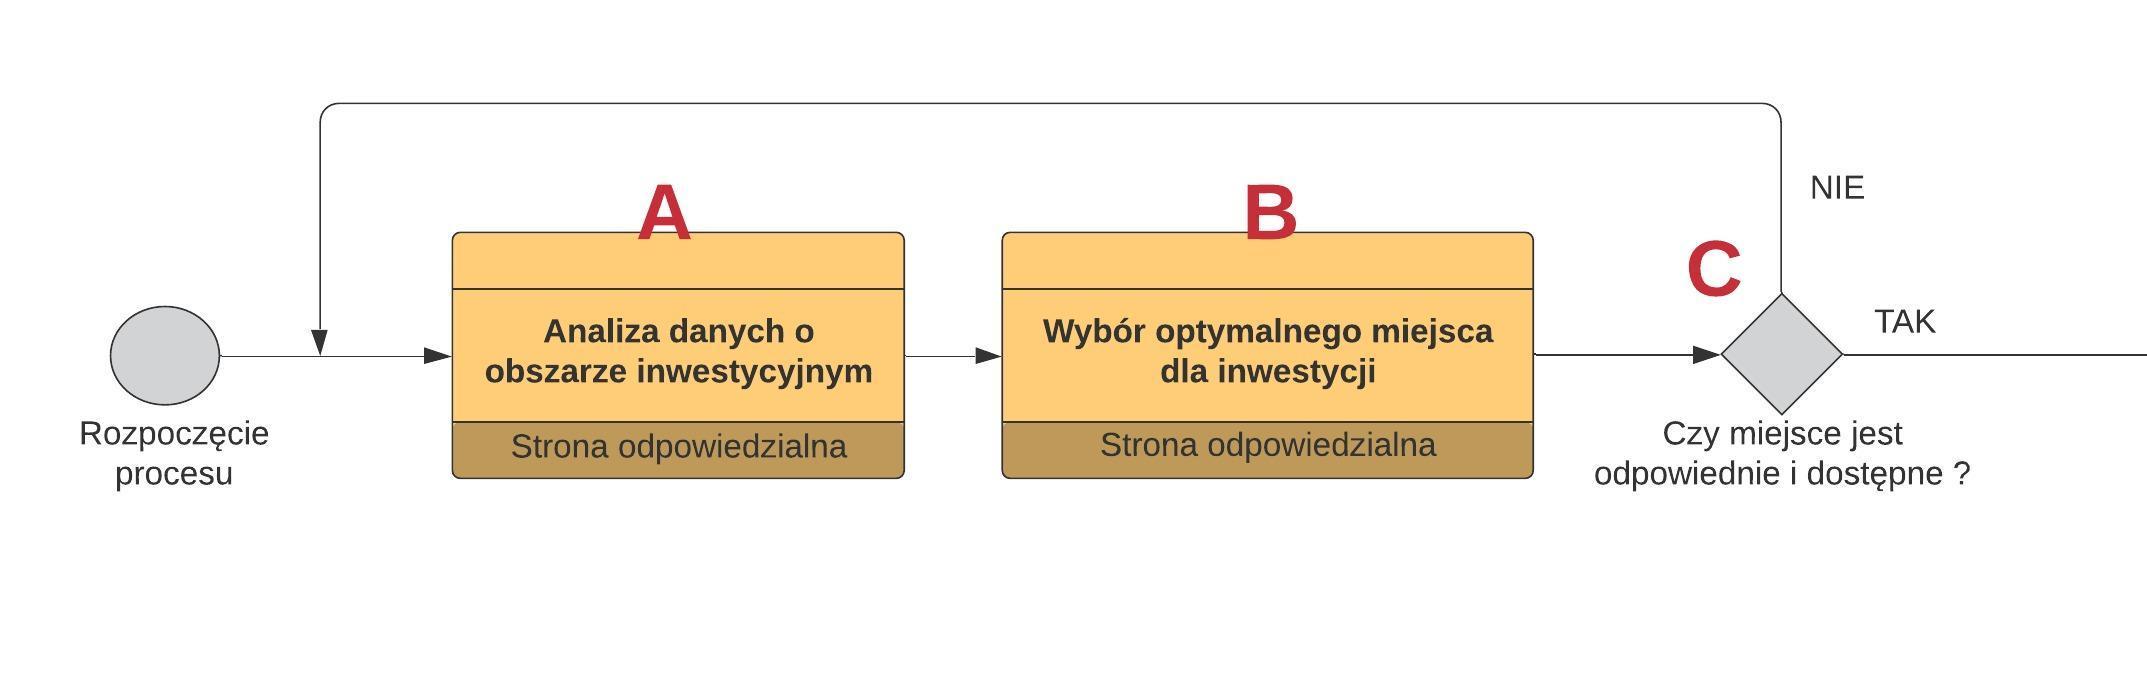 Bramka decyzyjna notacji BPMN